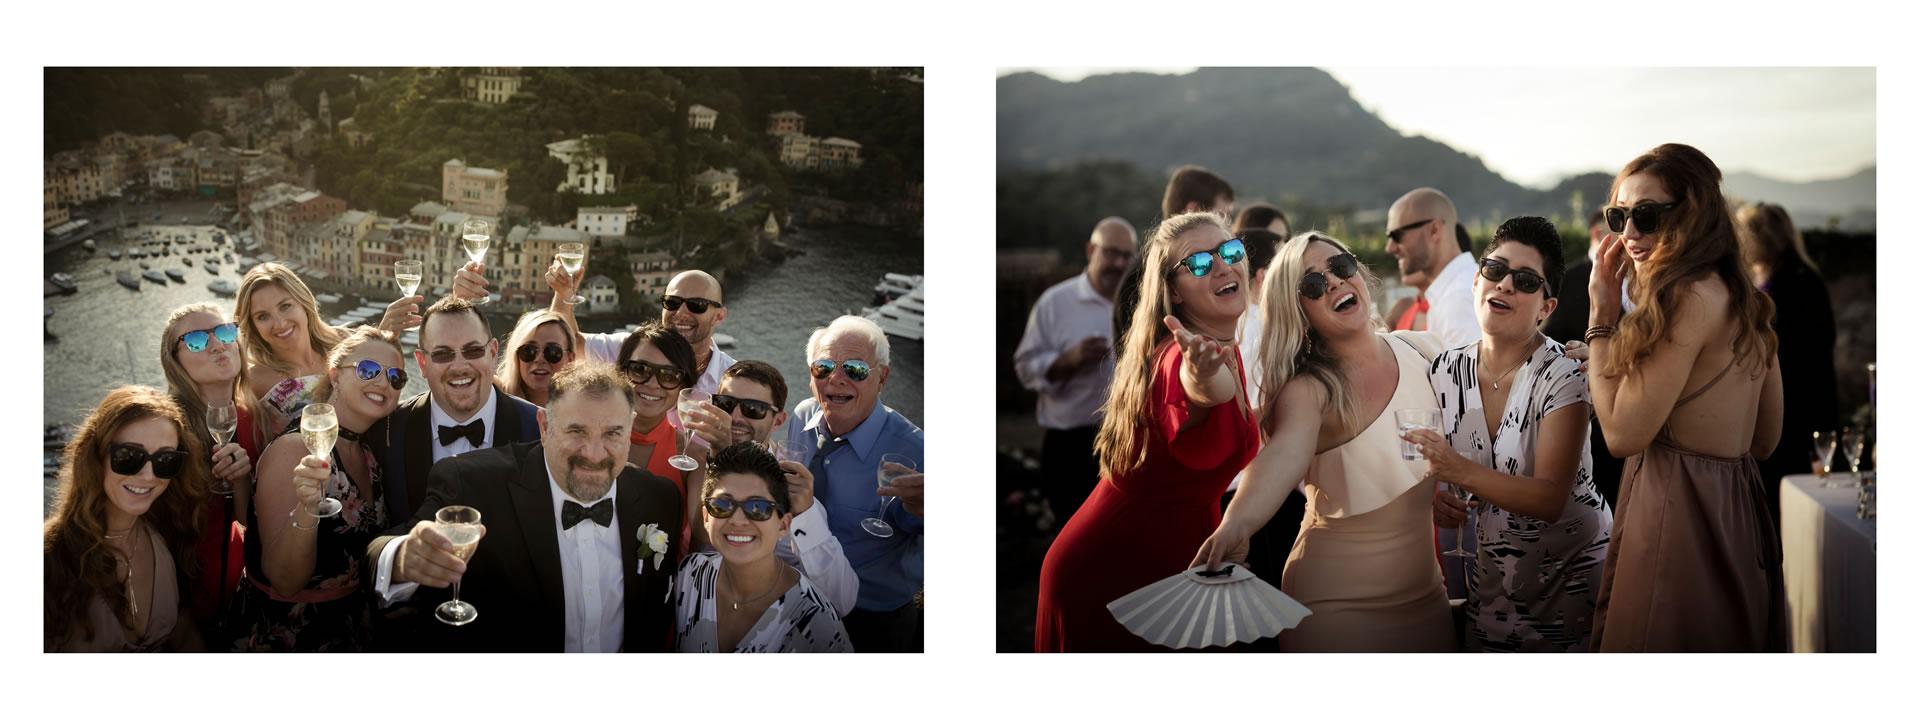 same-sex-love-in-portofino-david-bastianoni-photographer-00026 - 26 :: Wedding in Portofino // WPPI 2018 // The man that I love :: Luxury wedding photography - 25 :: same-sex-love-in-portofino-david-bastianoni-photographer-00026 - 26